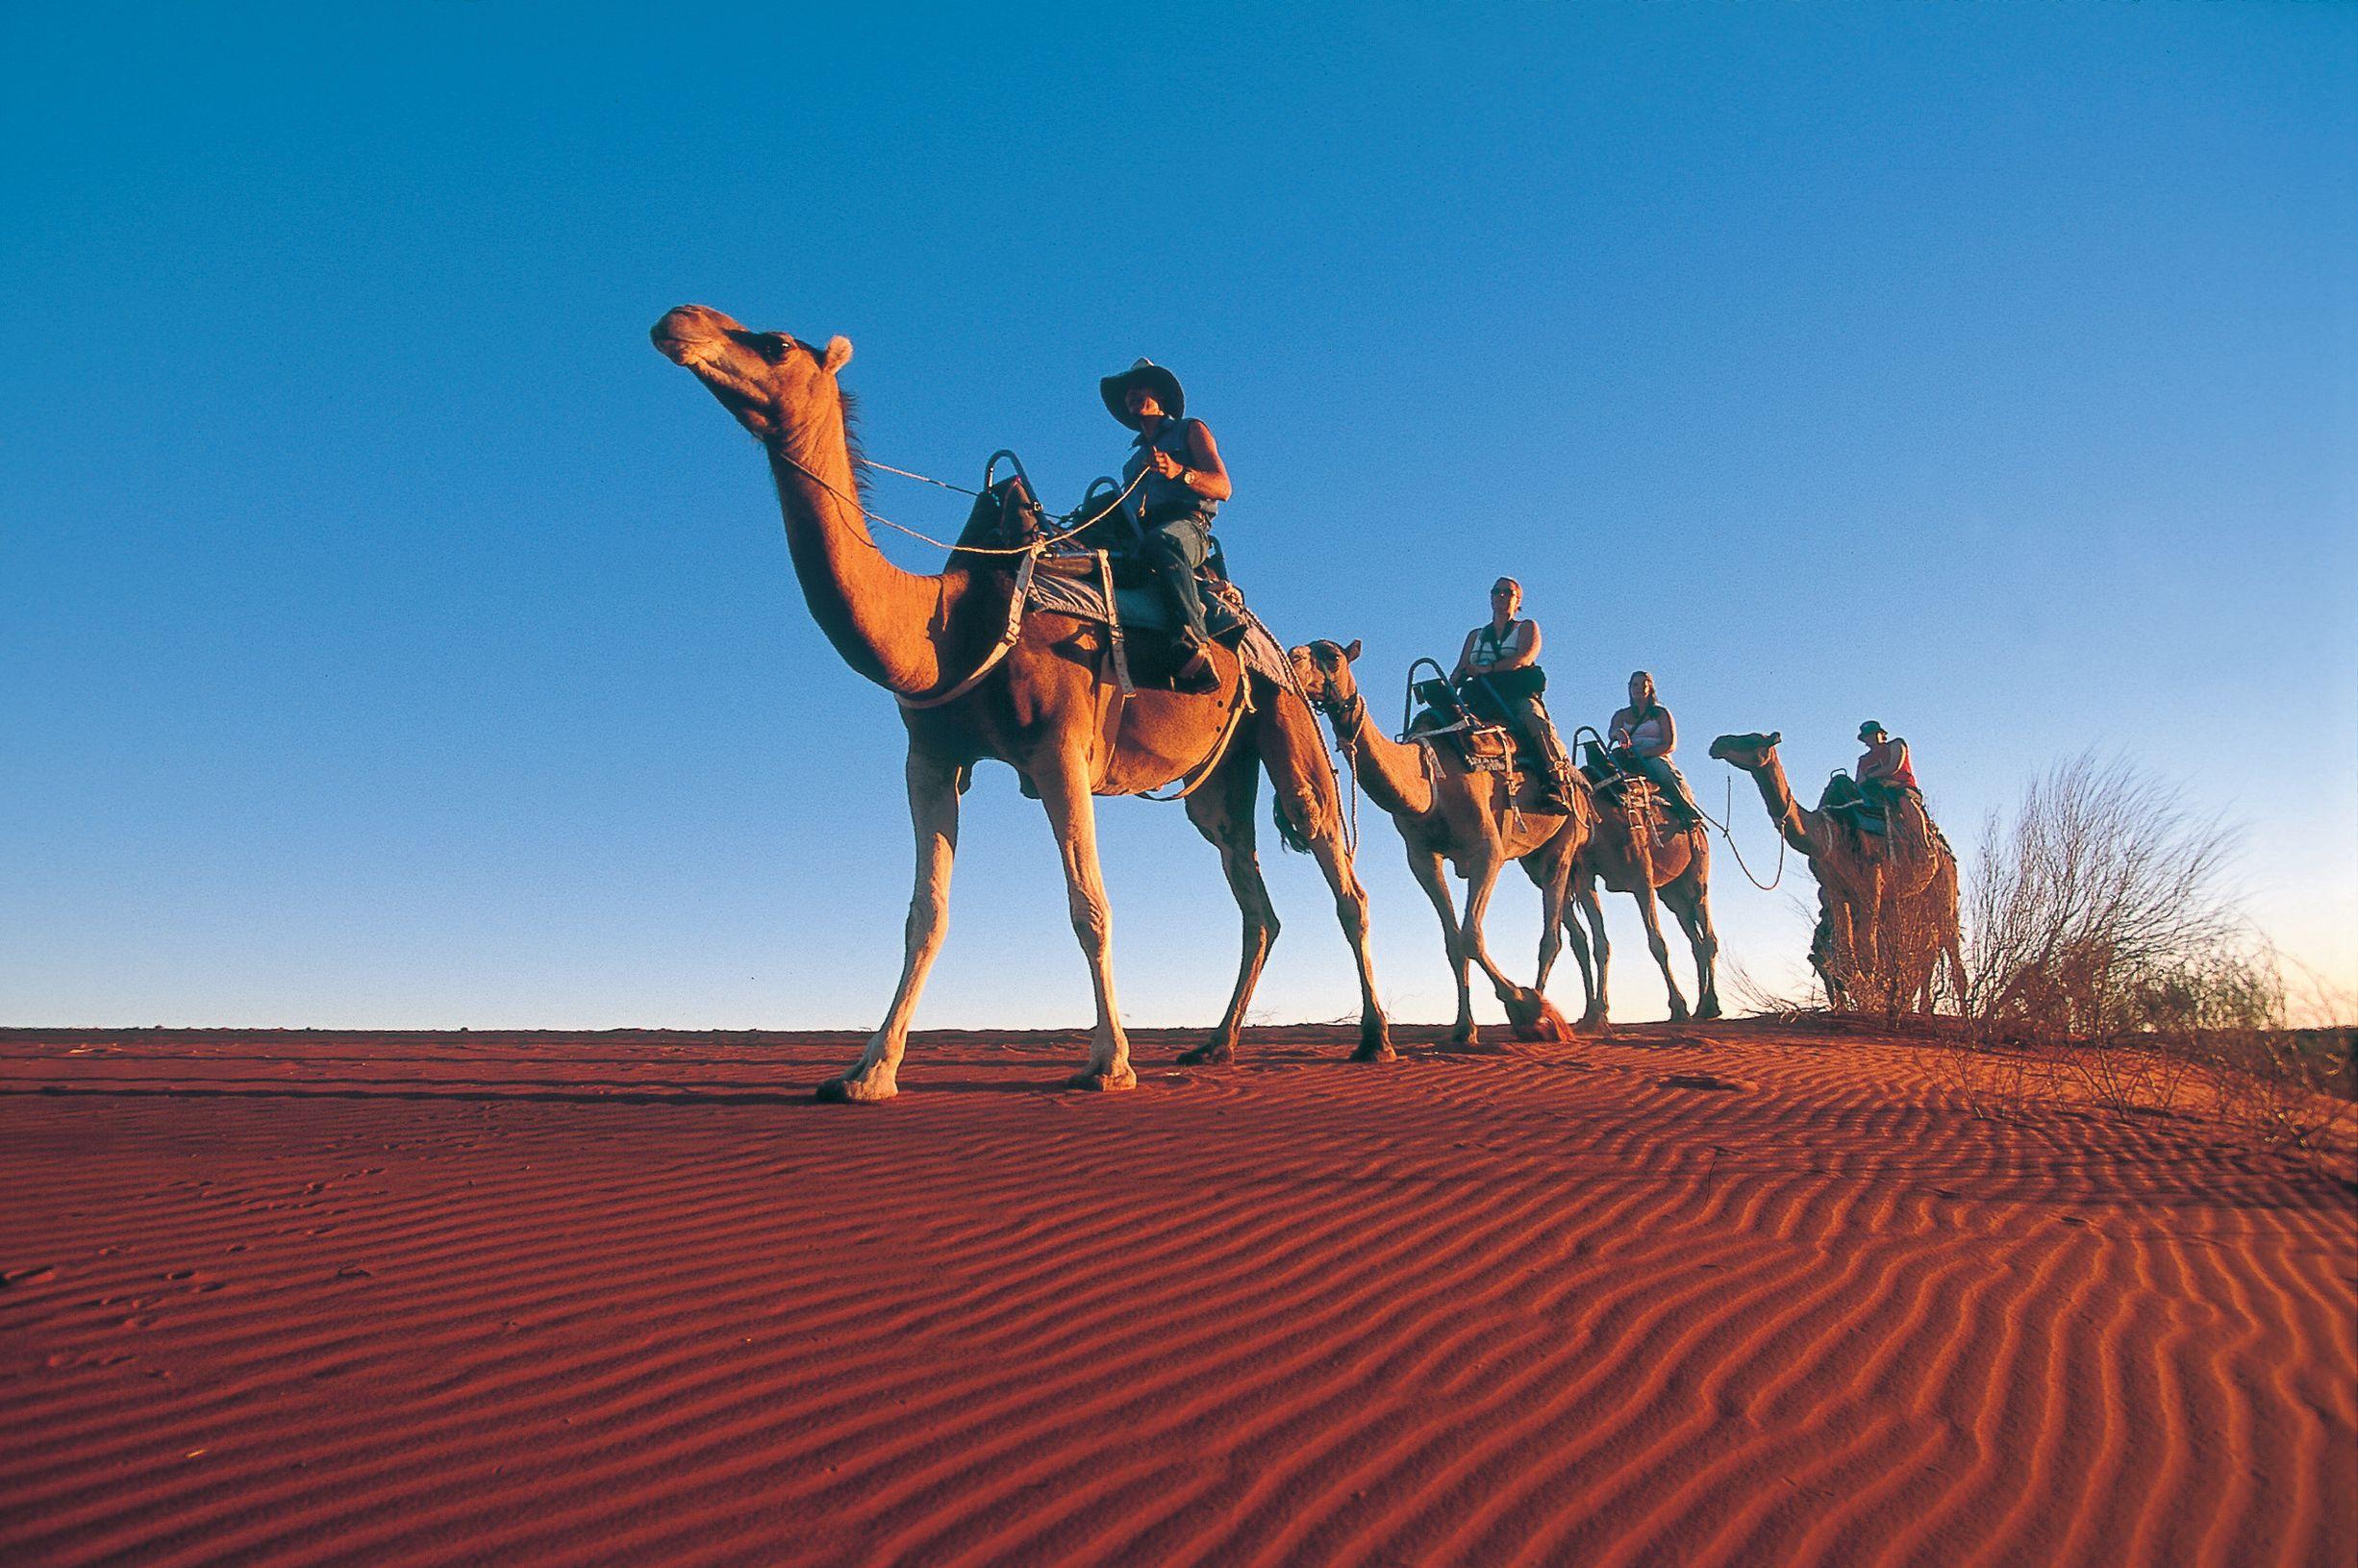 Camels at Ayers Rock Resort